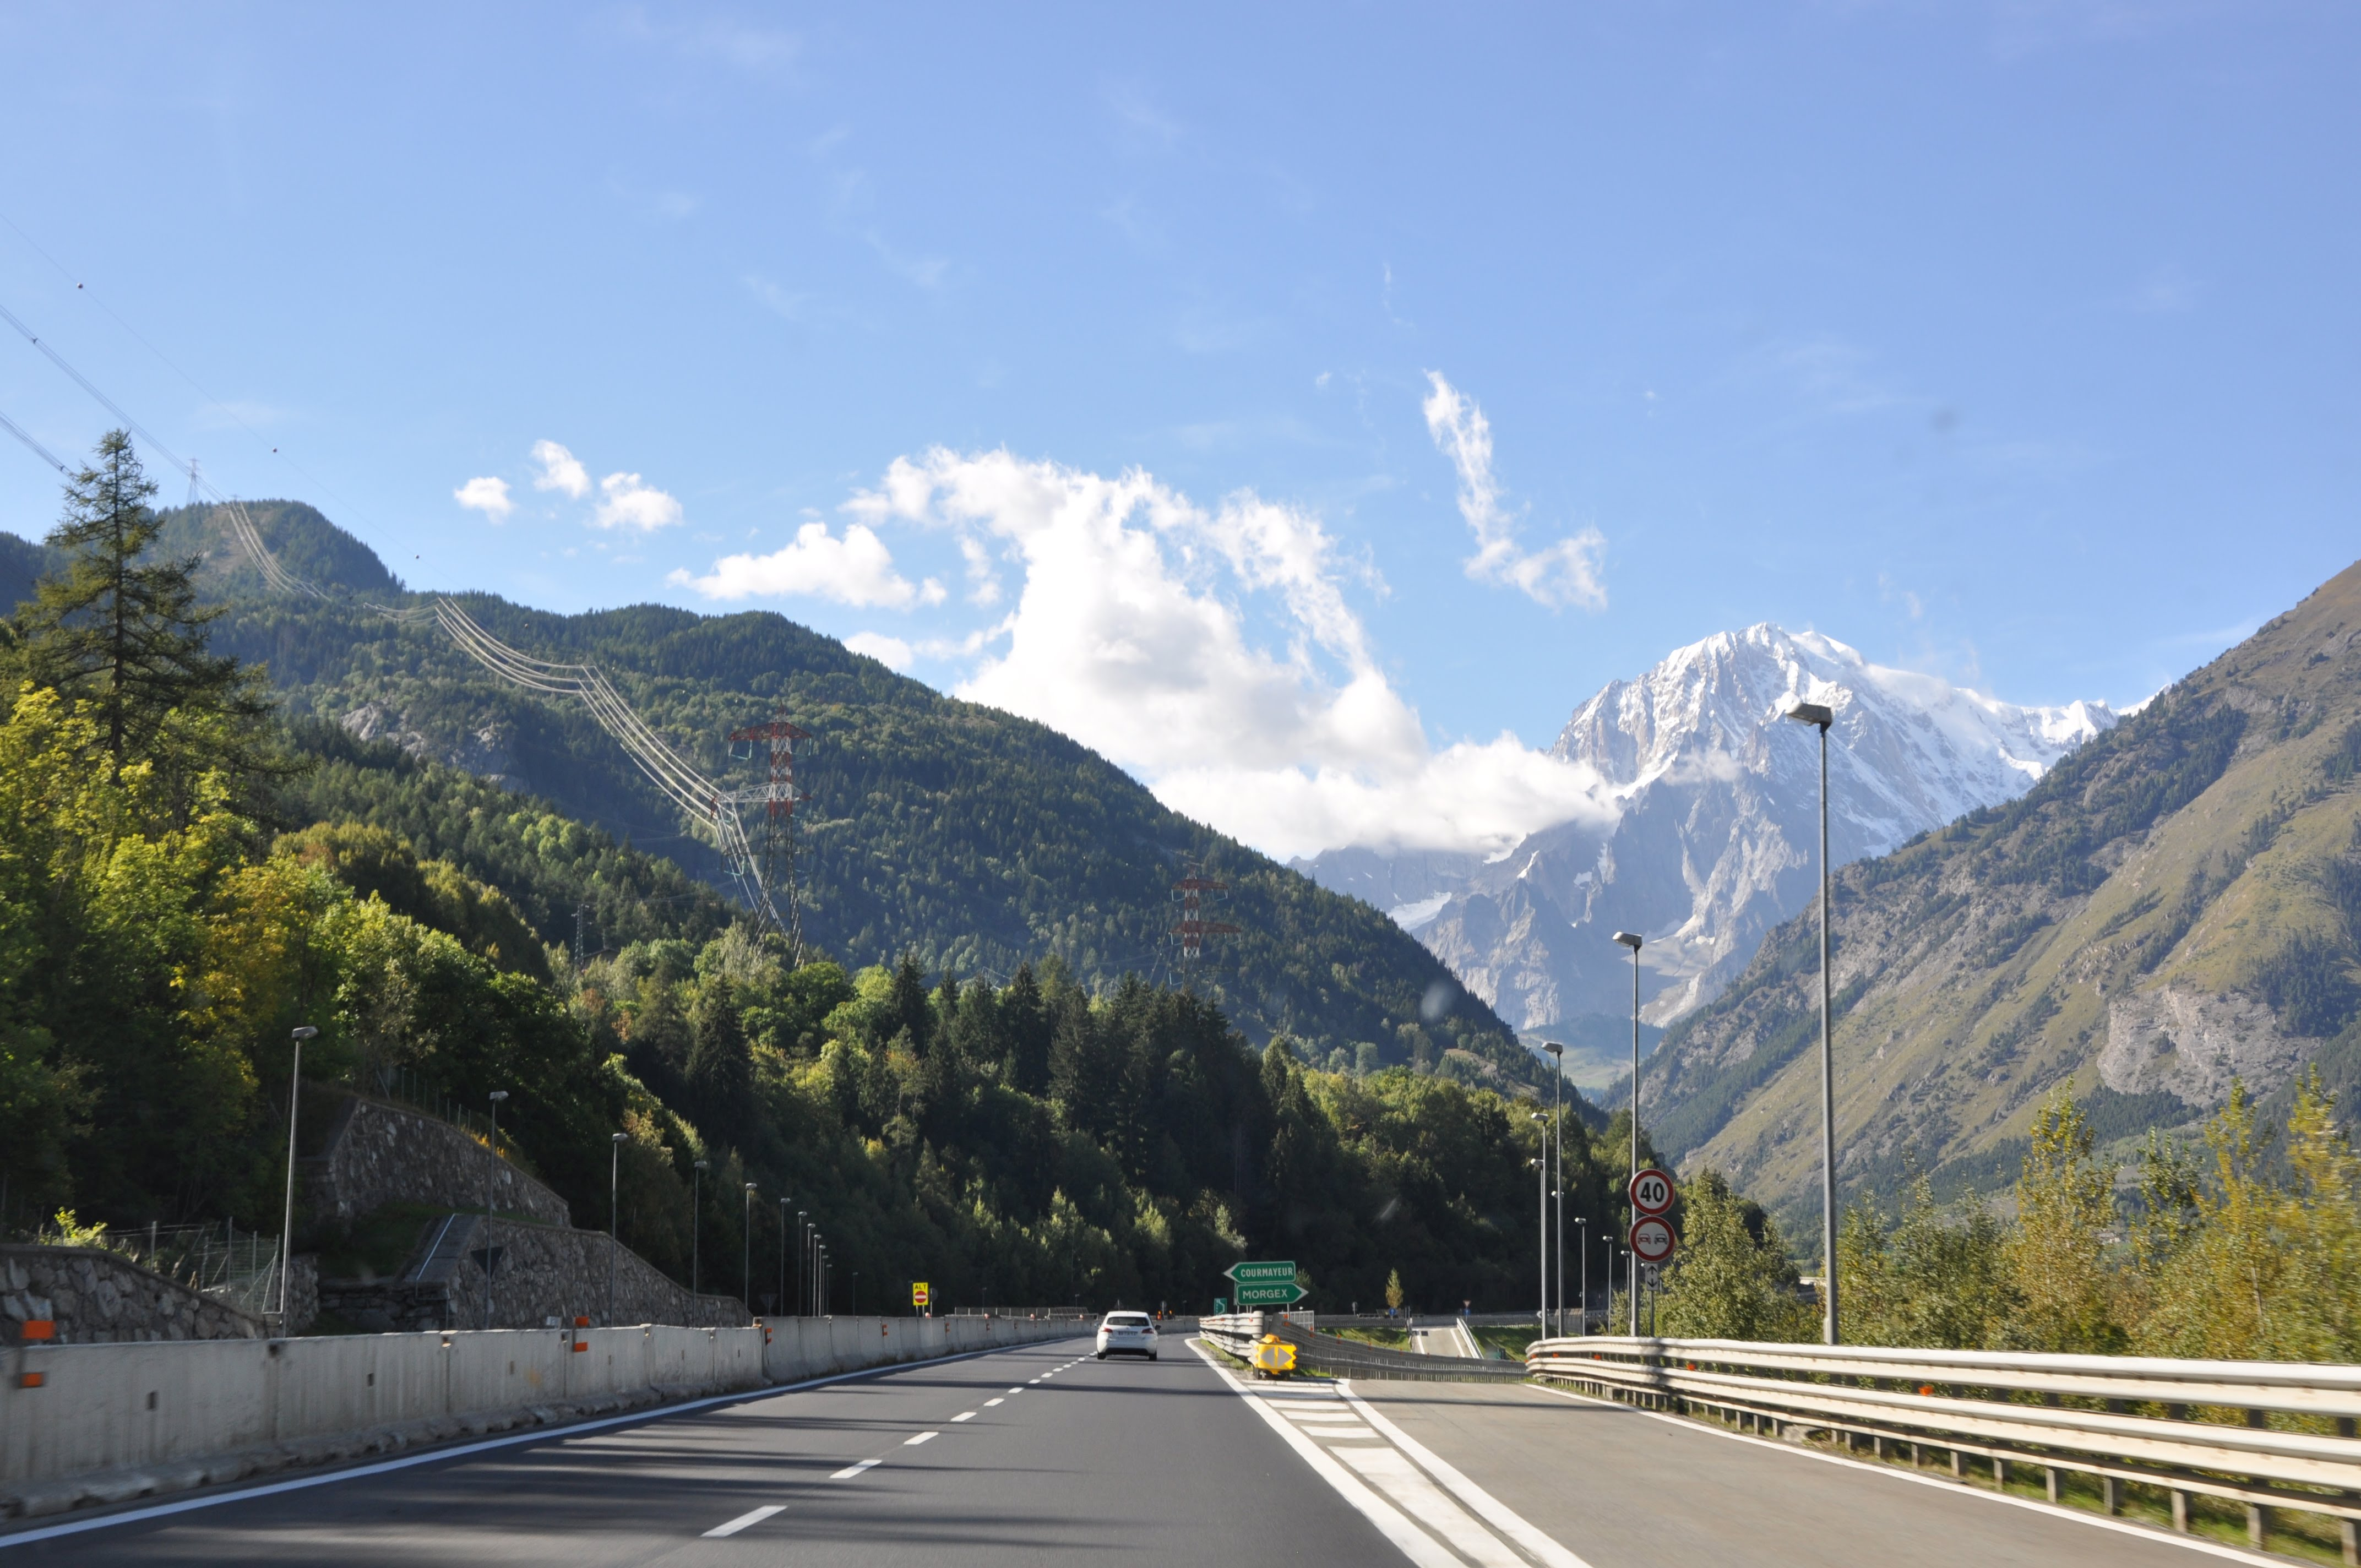 Ferragosto sierpień we Włoszech